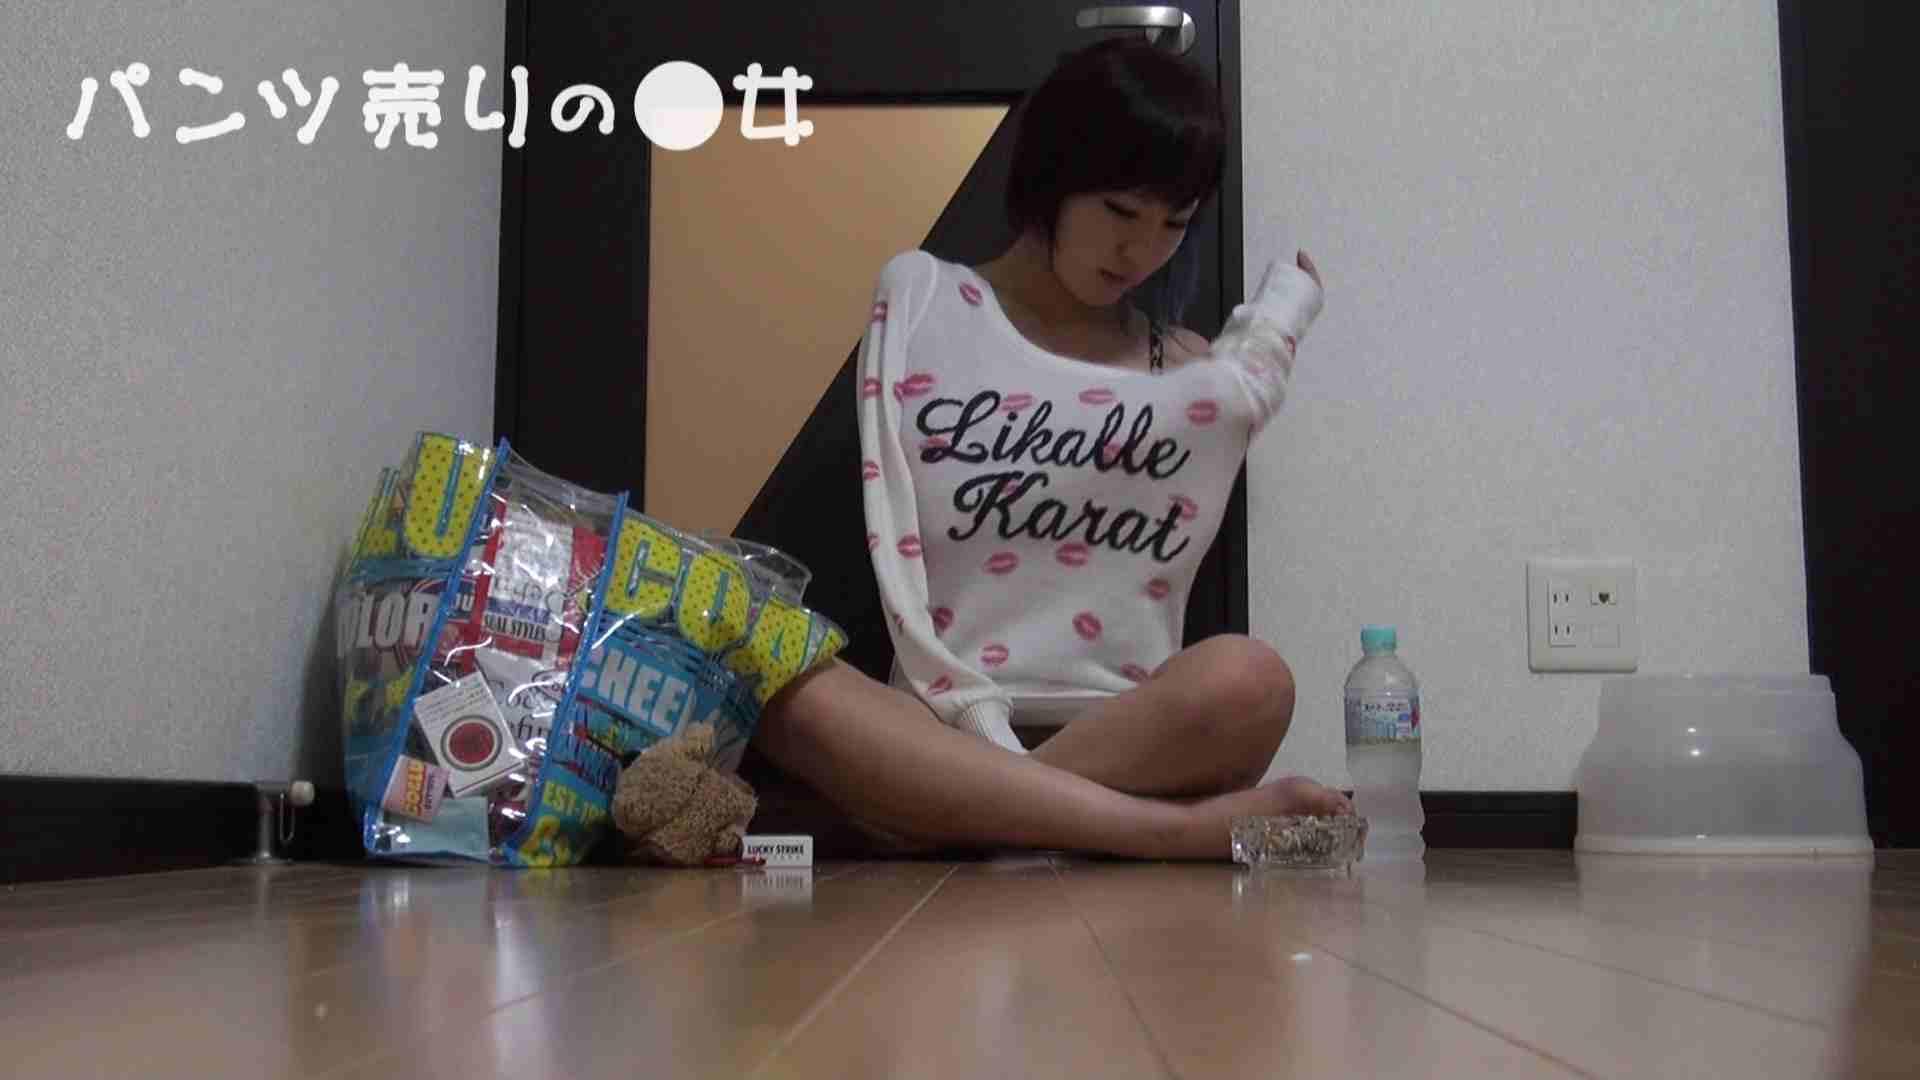 新説 パンツ売りの女の子nana02 盗撮 覗きおまんこ画像 103PIX 10